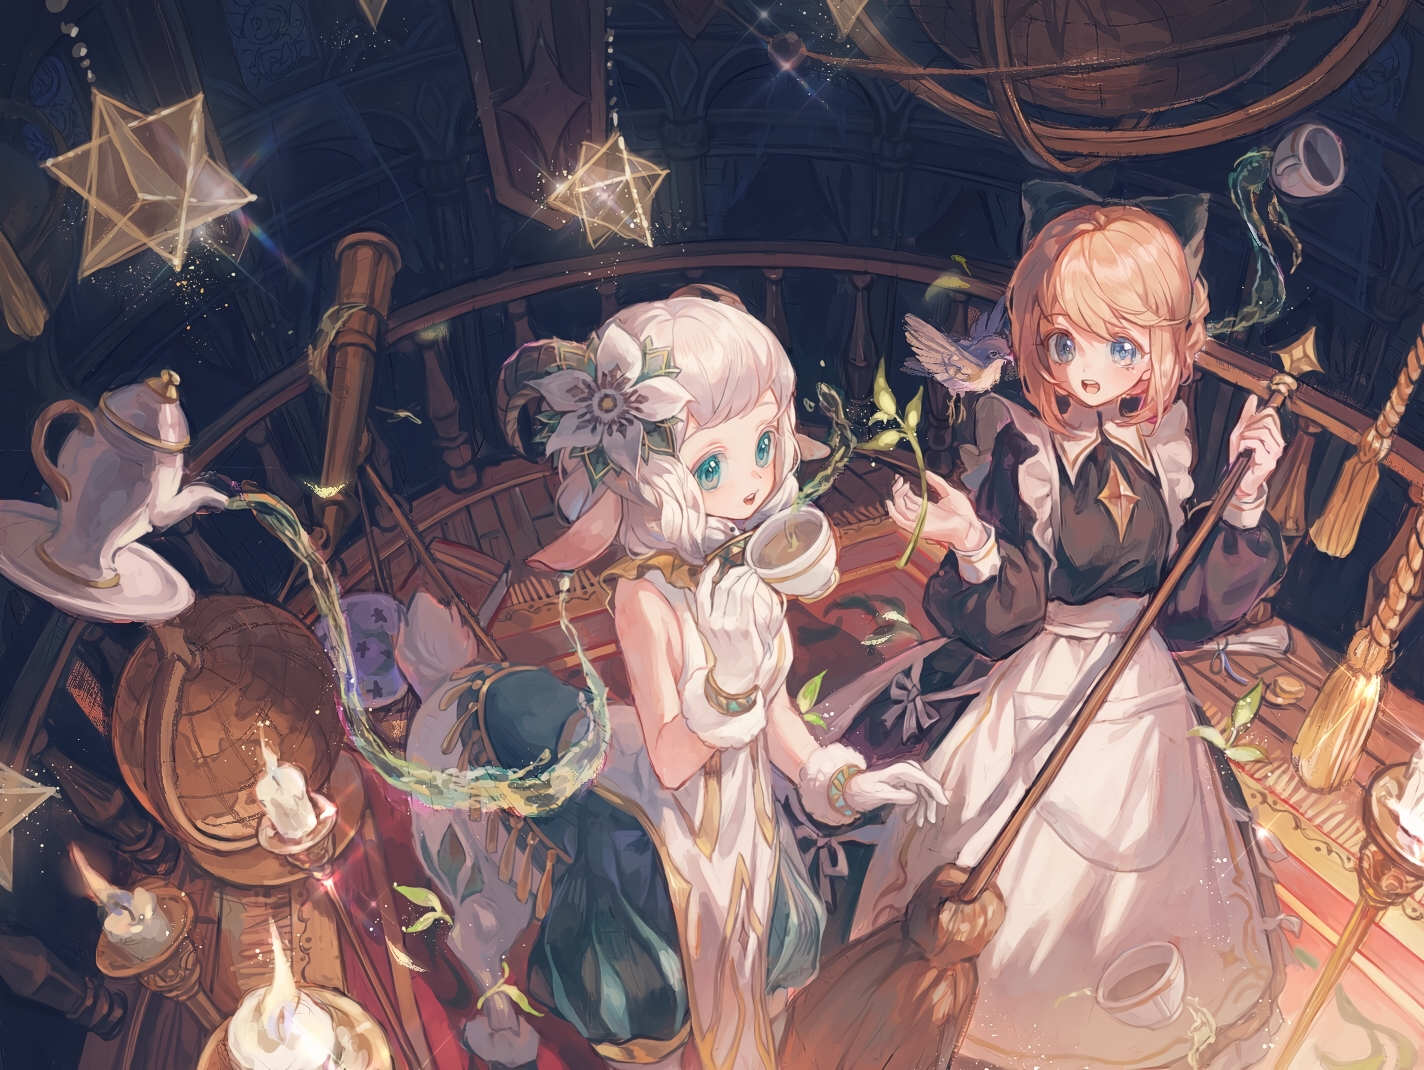 2girls afk_arena animal_ears dress drink horns maccha_(mochancc) maid nemora_(afk_arena) rosaline_(afk_arena)